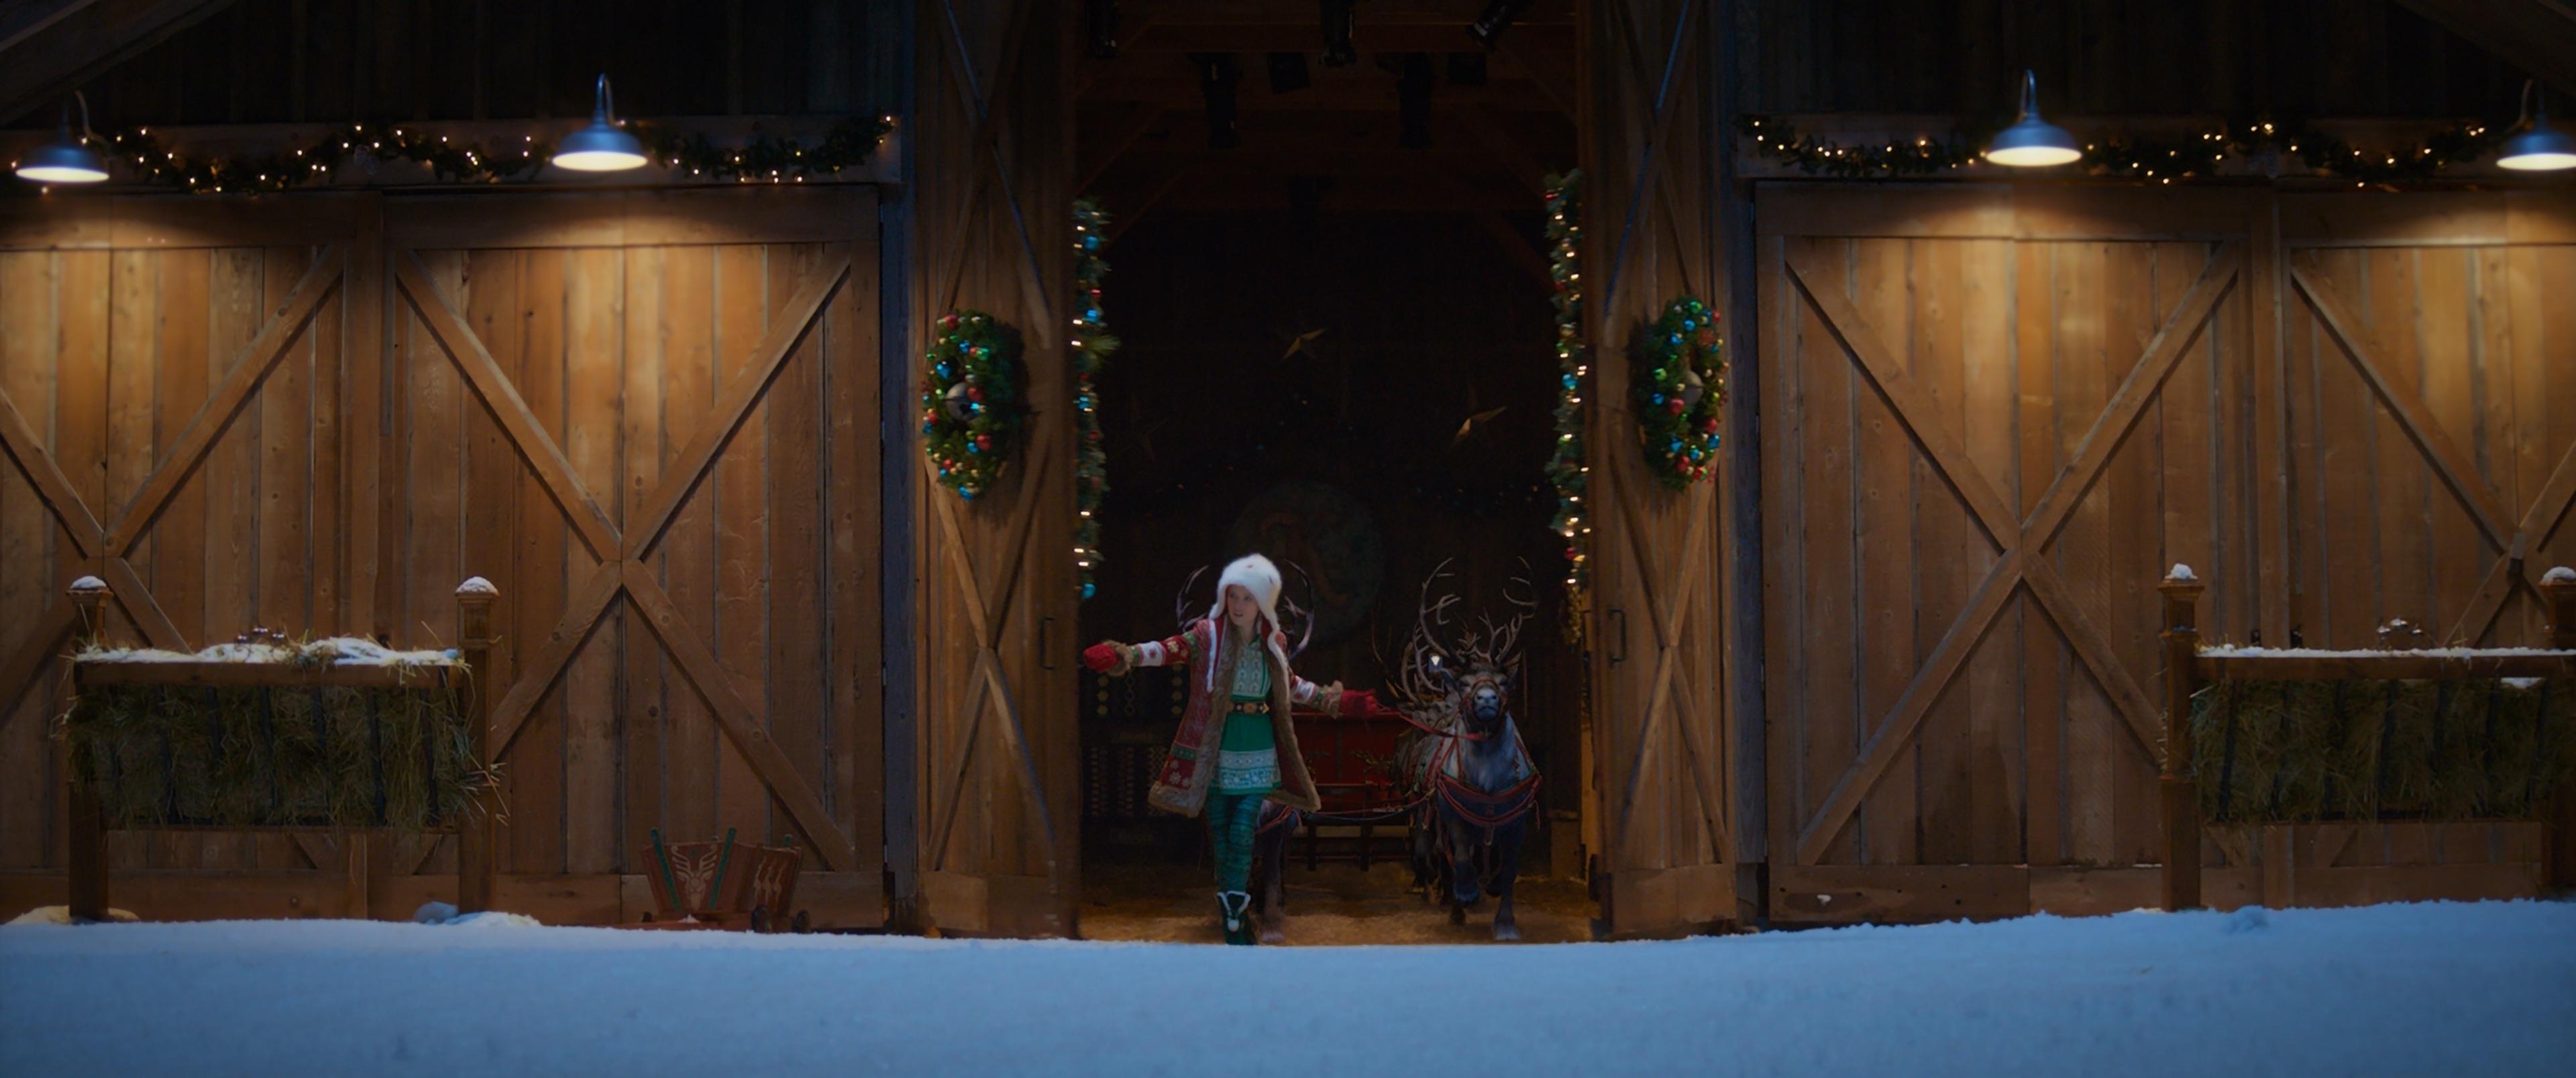 Noelle and Reindeer